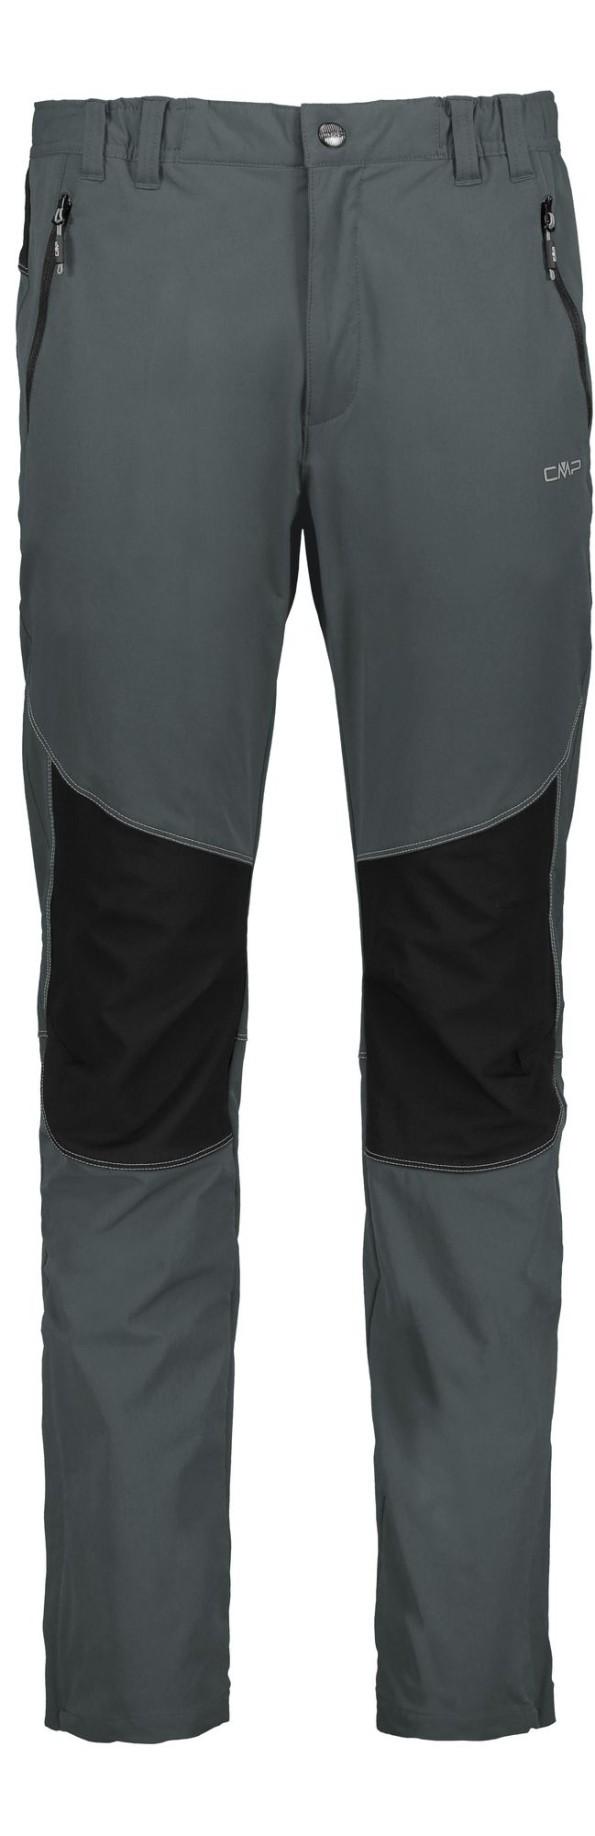 CMP Herren Lange Trekkinghose Stretch 30t6507 Pantalone Uomo